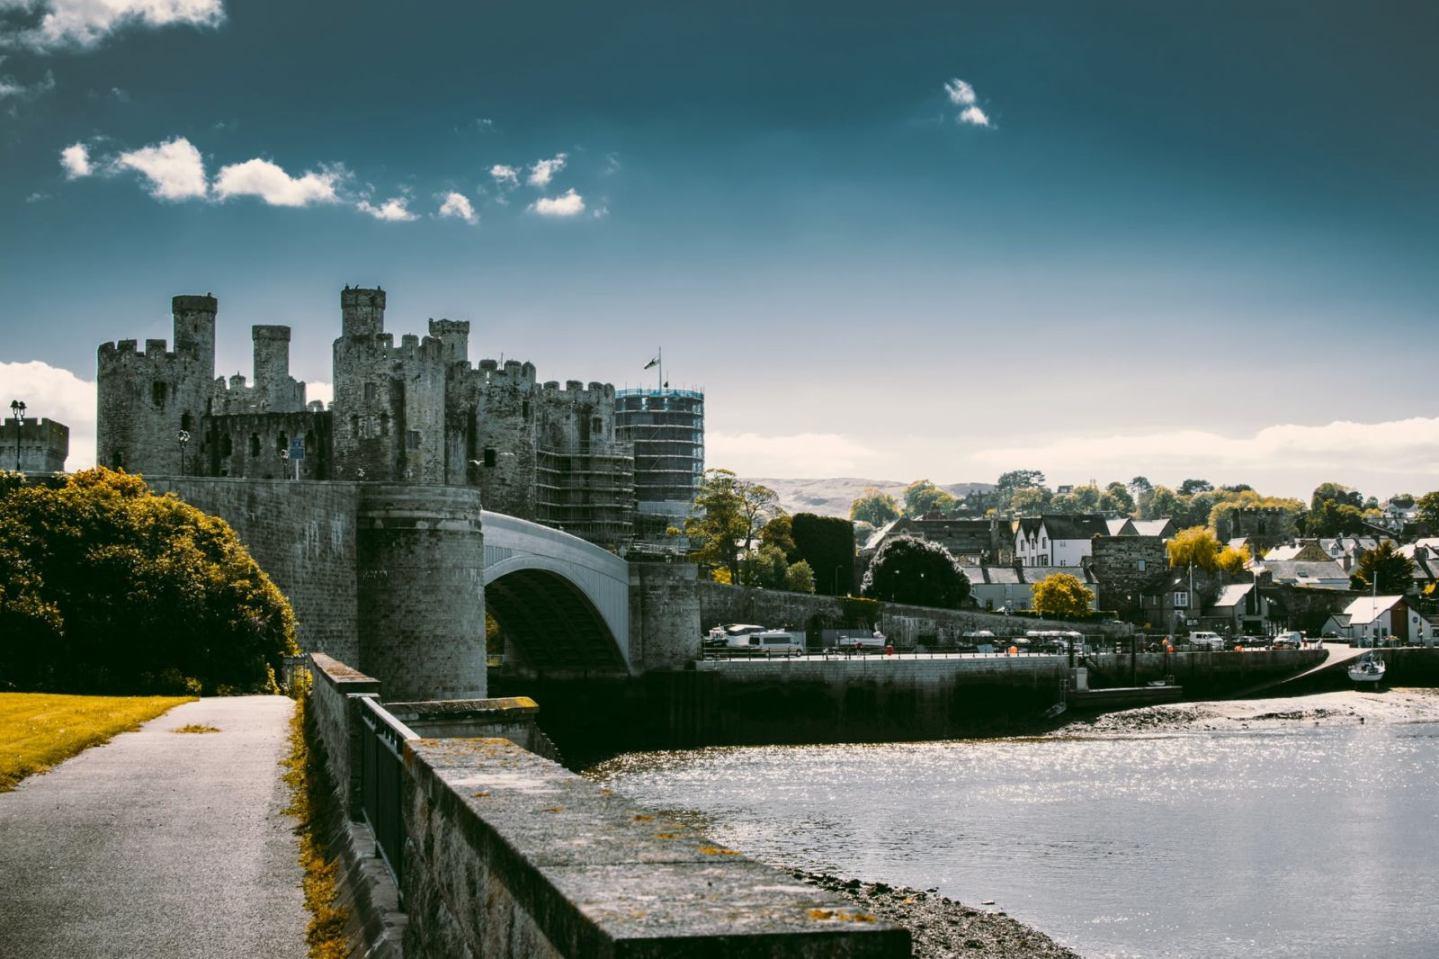 Conwy - Explore North Wales